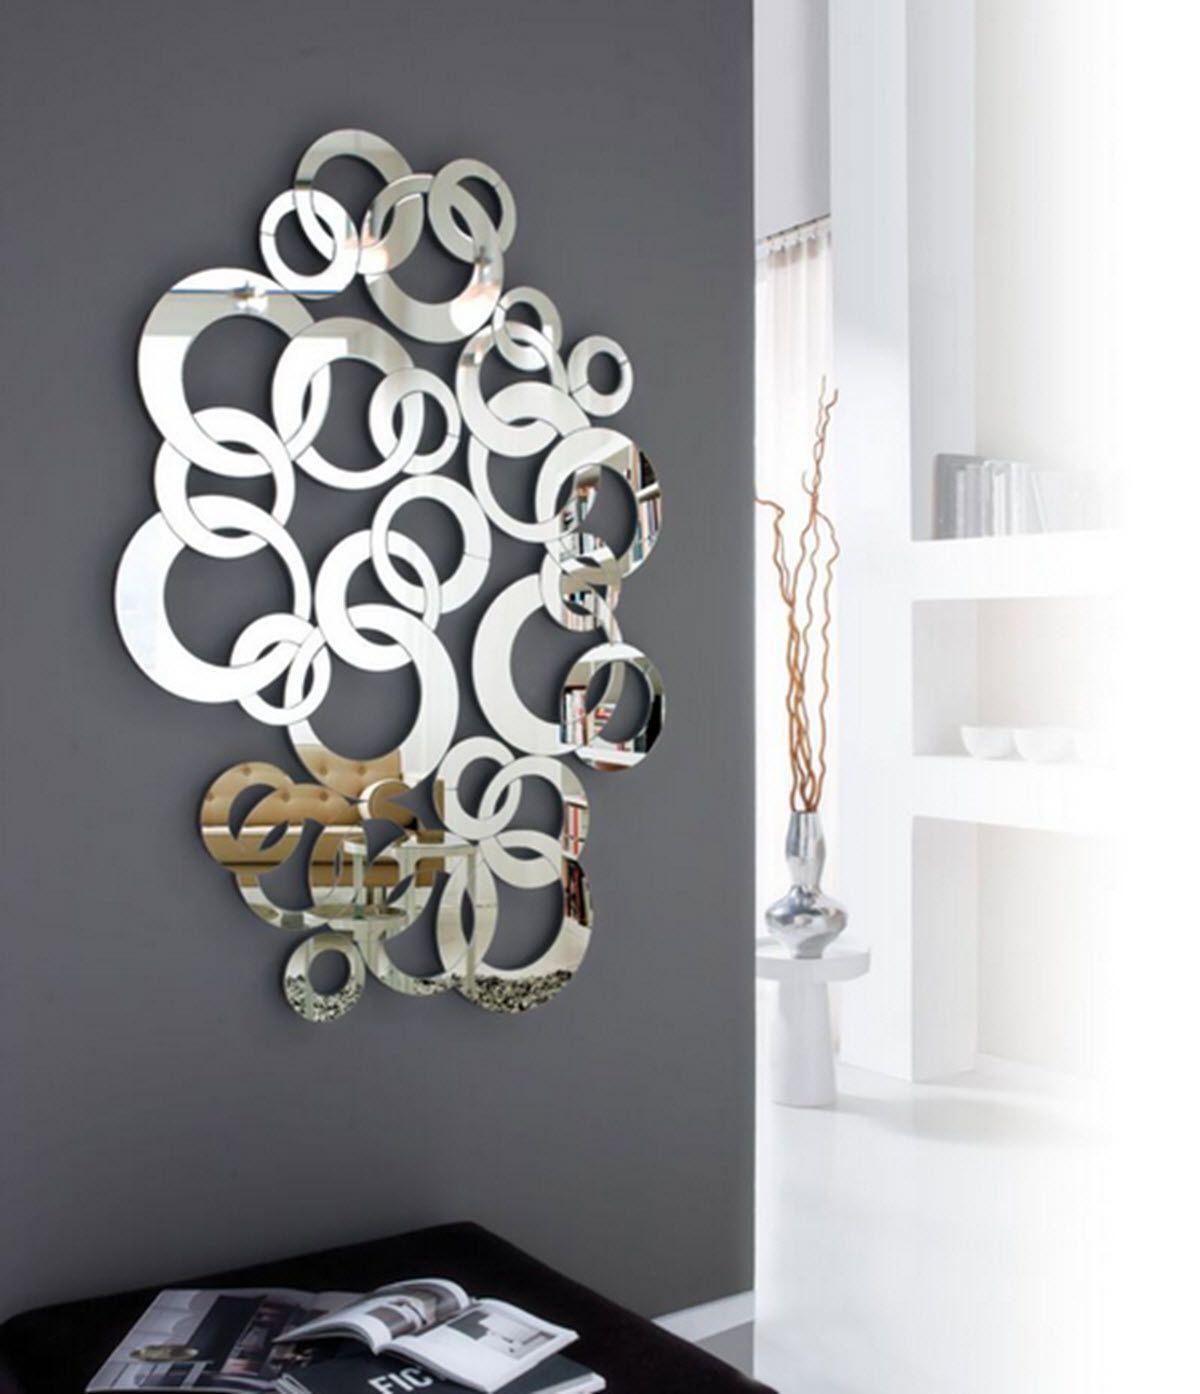 Espejos decorativos decor mirrows miroirs for Espejos circulares decorativos